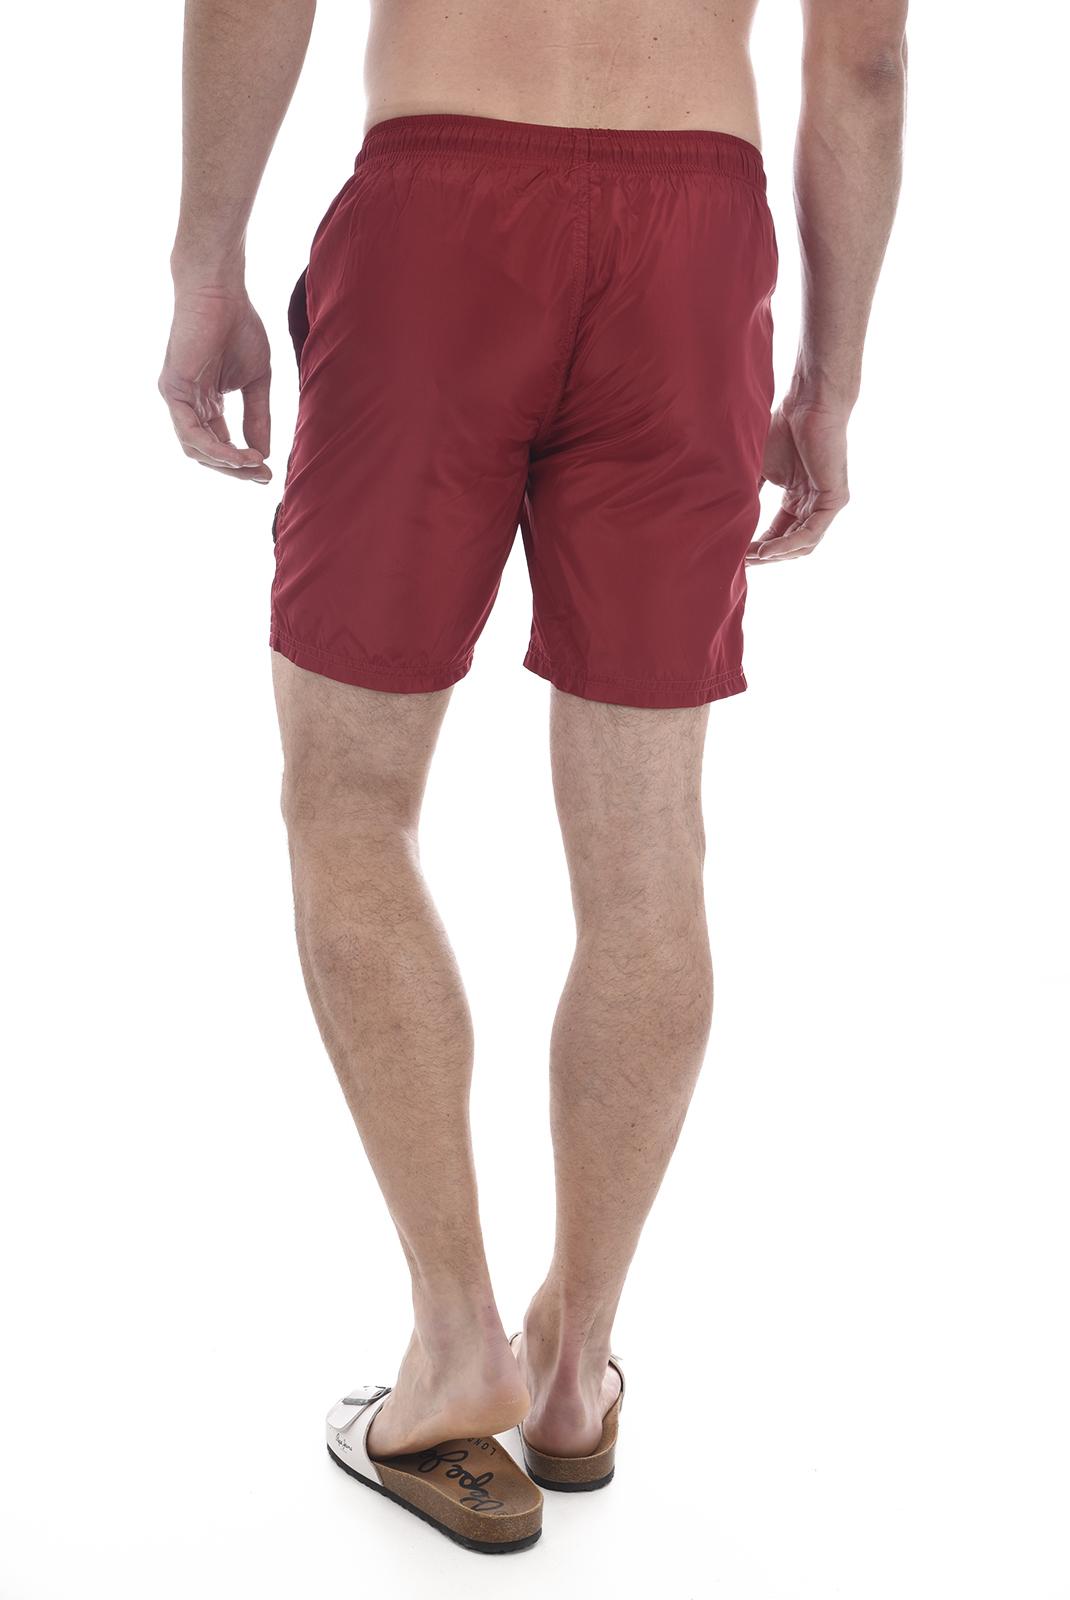 Shorts de bain  Hite couture ZOLIER ROUGE